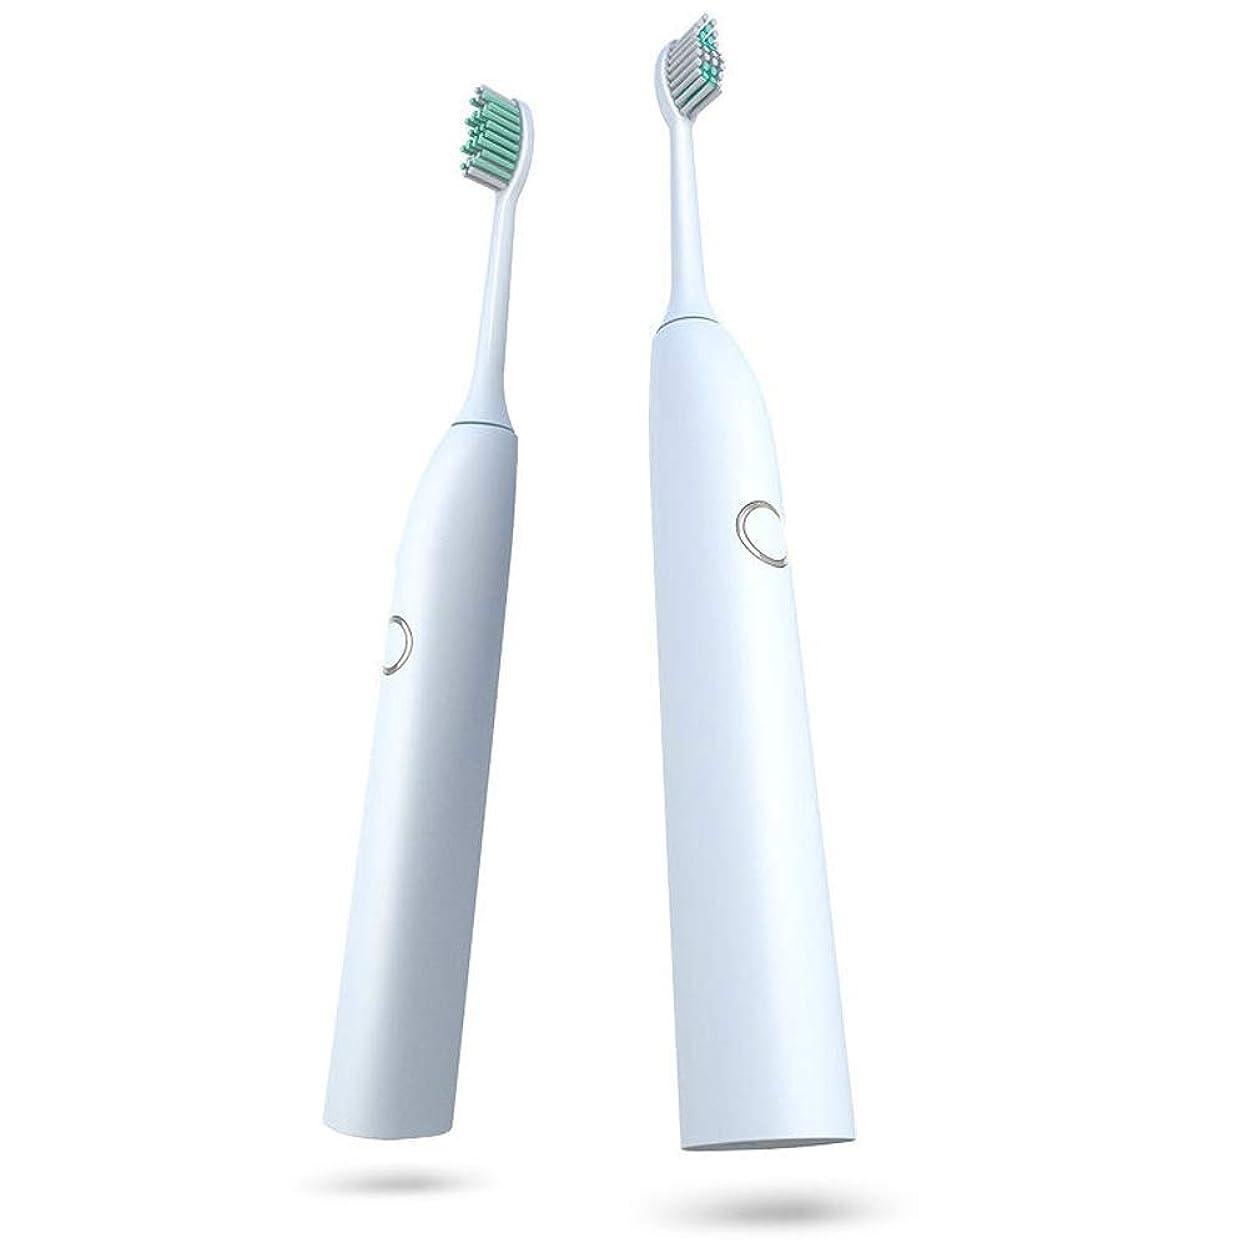 めるリマ毒液電動歯ブラシ 電動歯ブラシやわらかい歯ブラシきれいなホワイトニング歯科医推奨防水USB充電式 (色 : 白, サイズ : Free size)